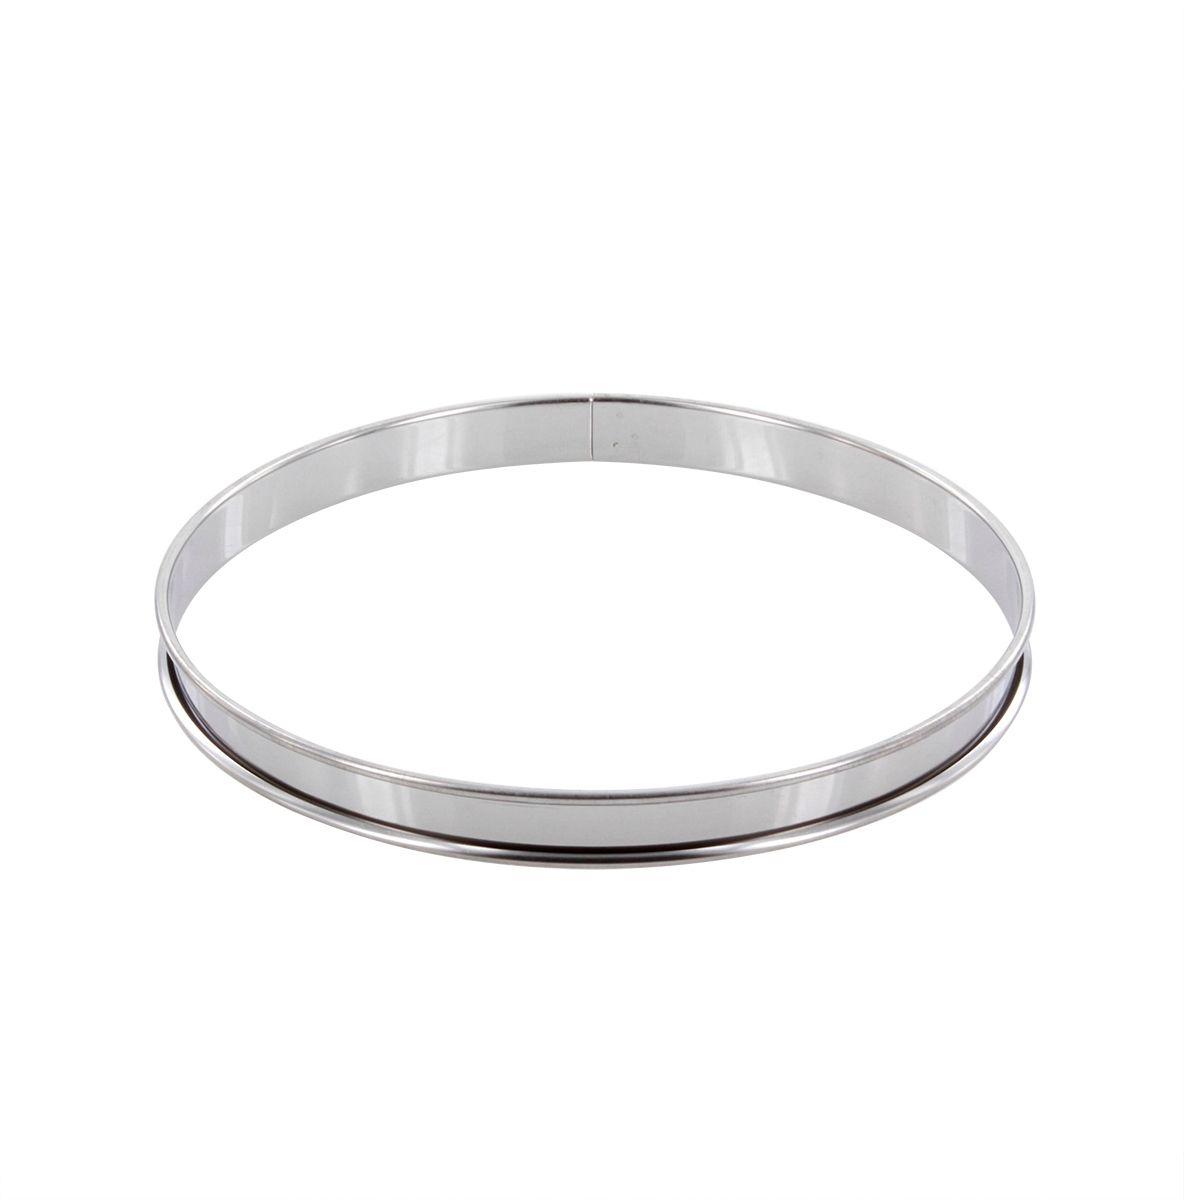 Cercle à tarte en inox 22 cm hauteur 2 cm - Alice Délice